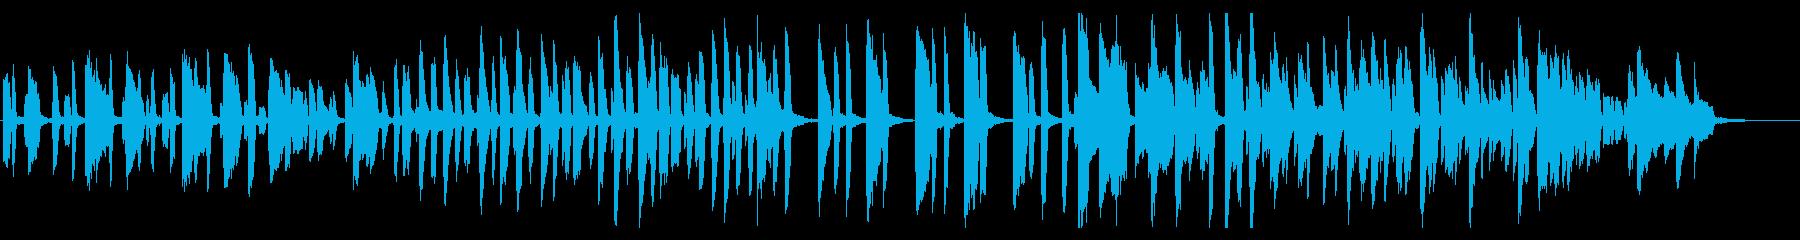 明るい・クッキング・おしゃれ・ジャズの再生済みの波形